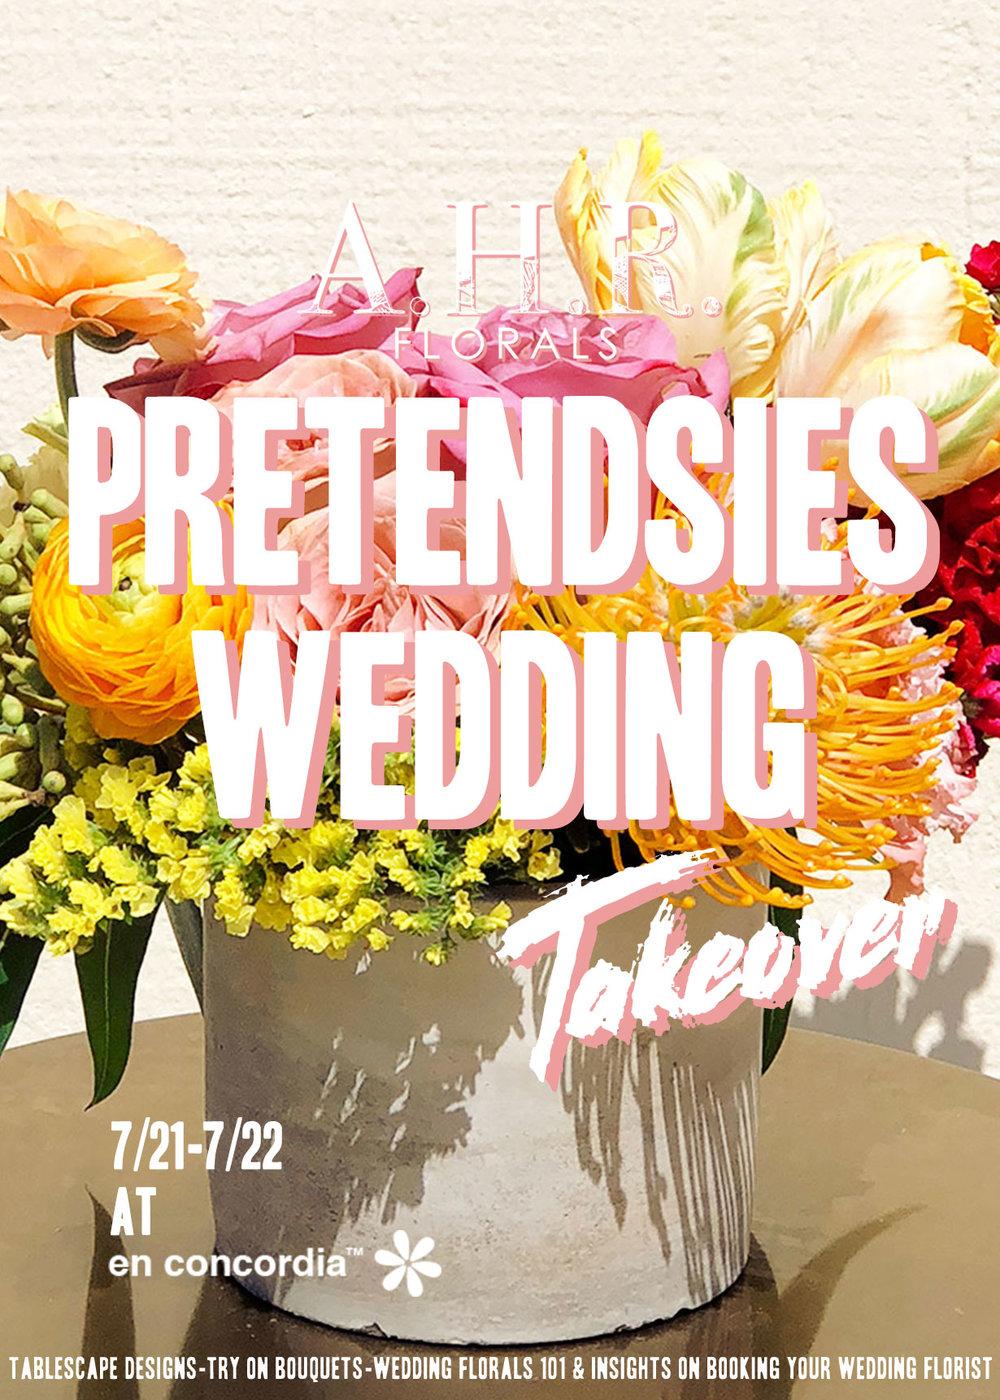 AHR FLORALS Pretendsies wedding showcase takeover